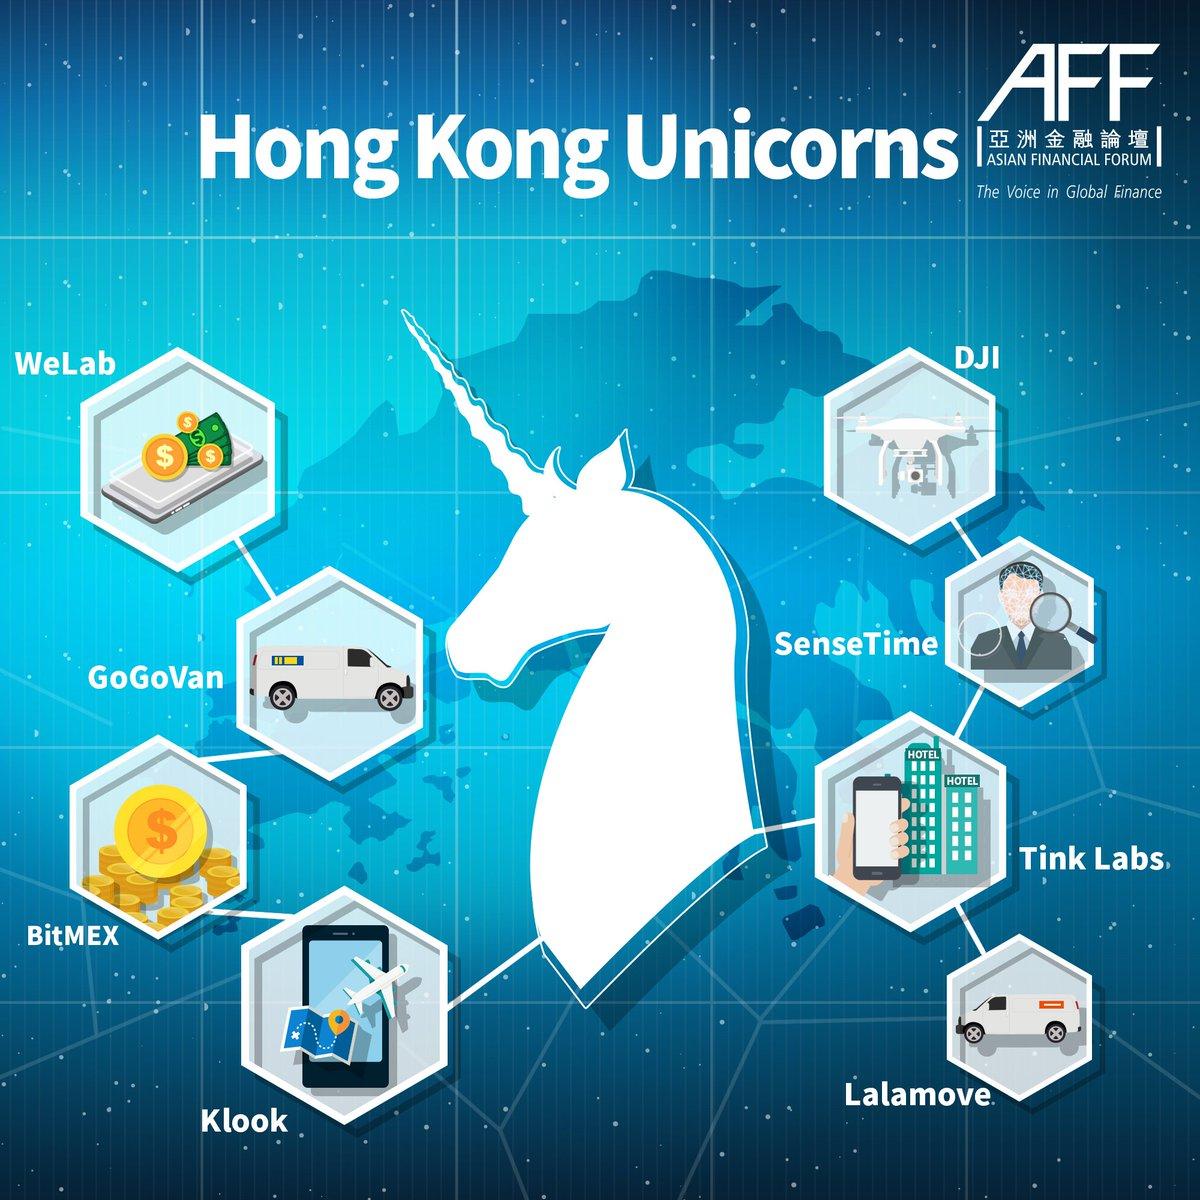 AsianFinancial Forum on Twitter: